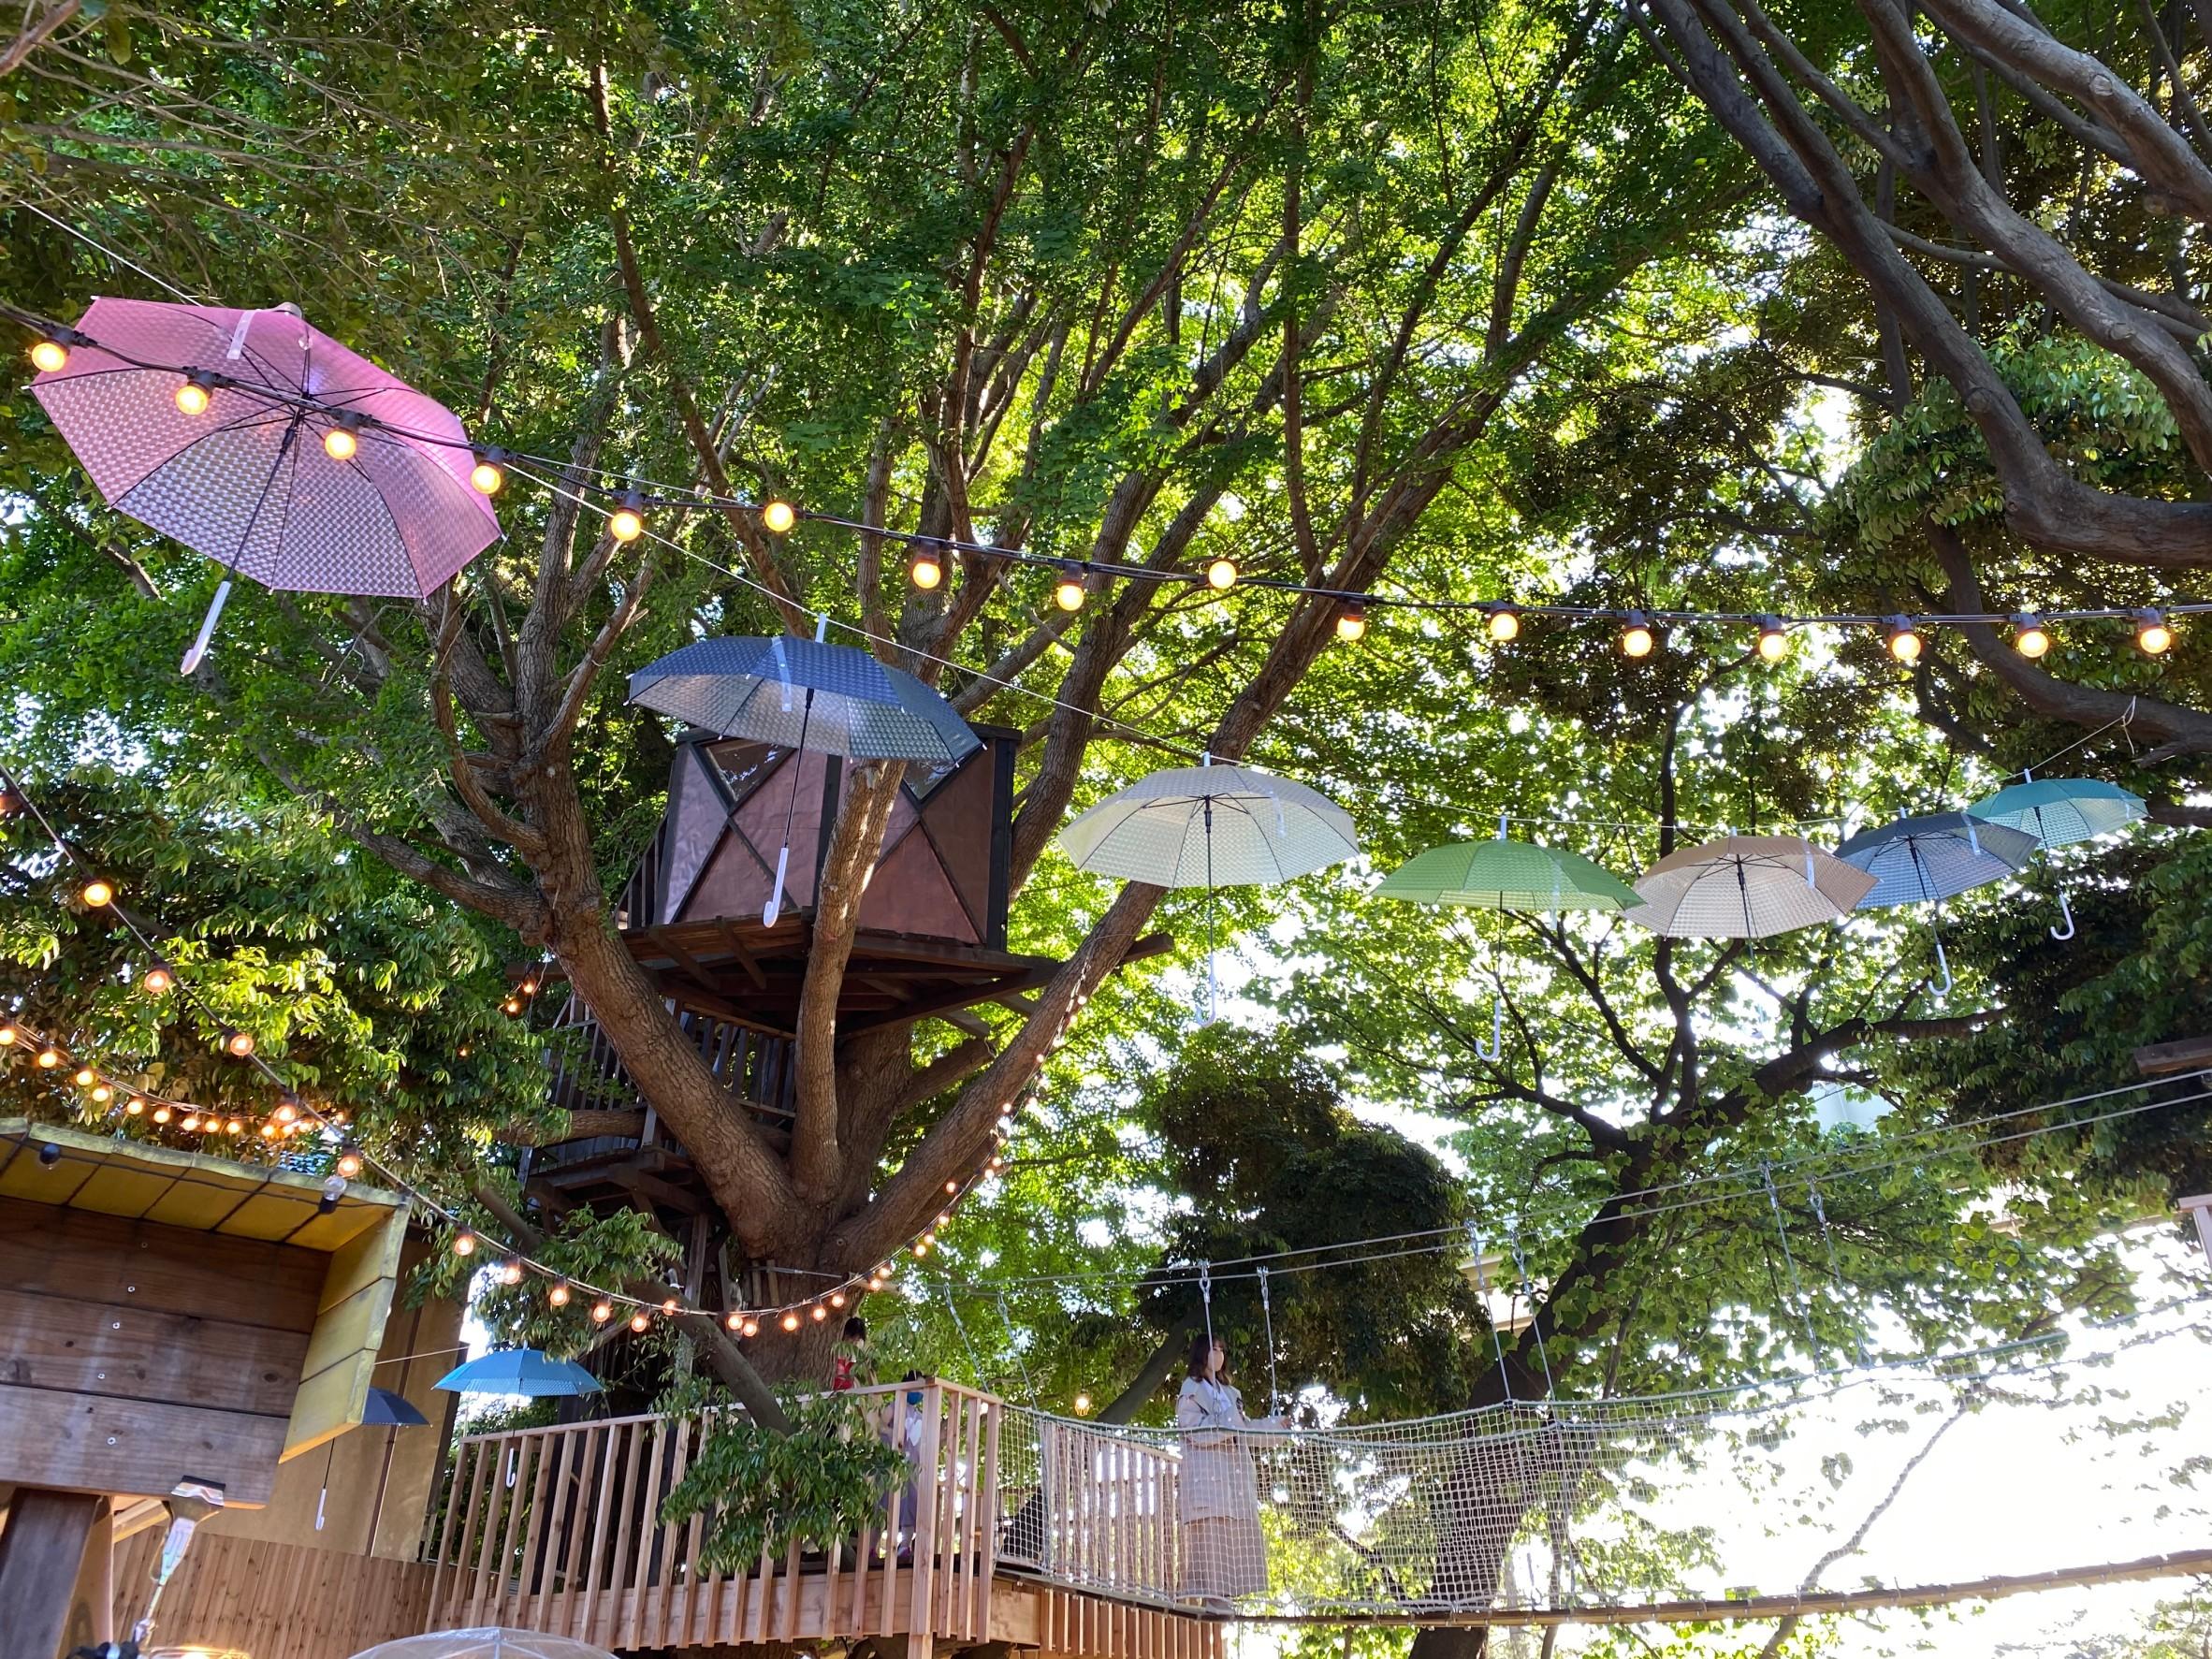 椿森コムナには小さいなツリーハウスもあります。